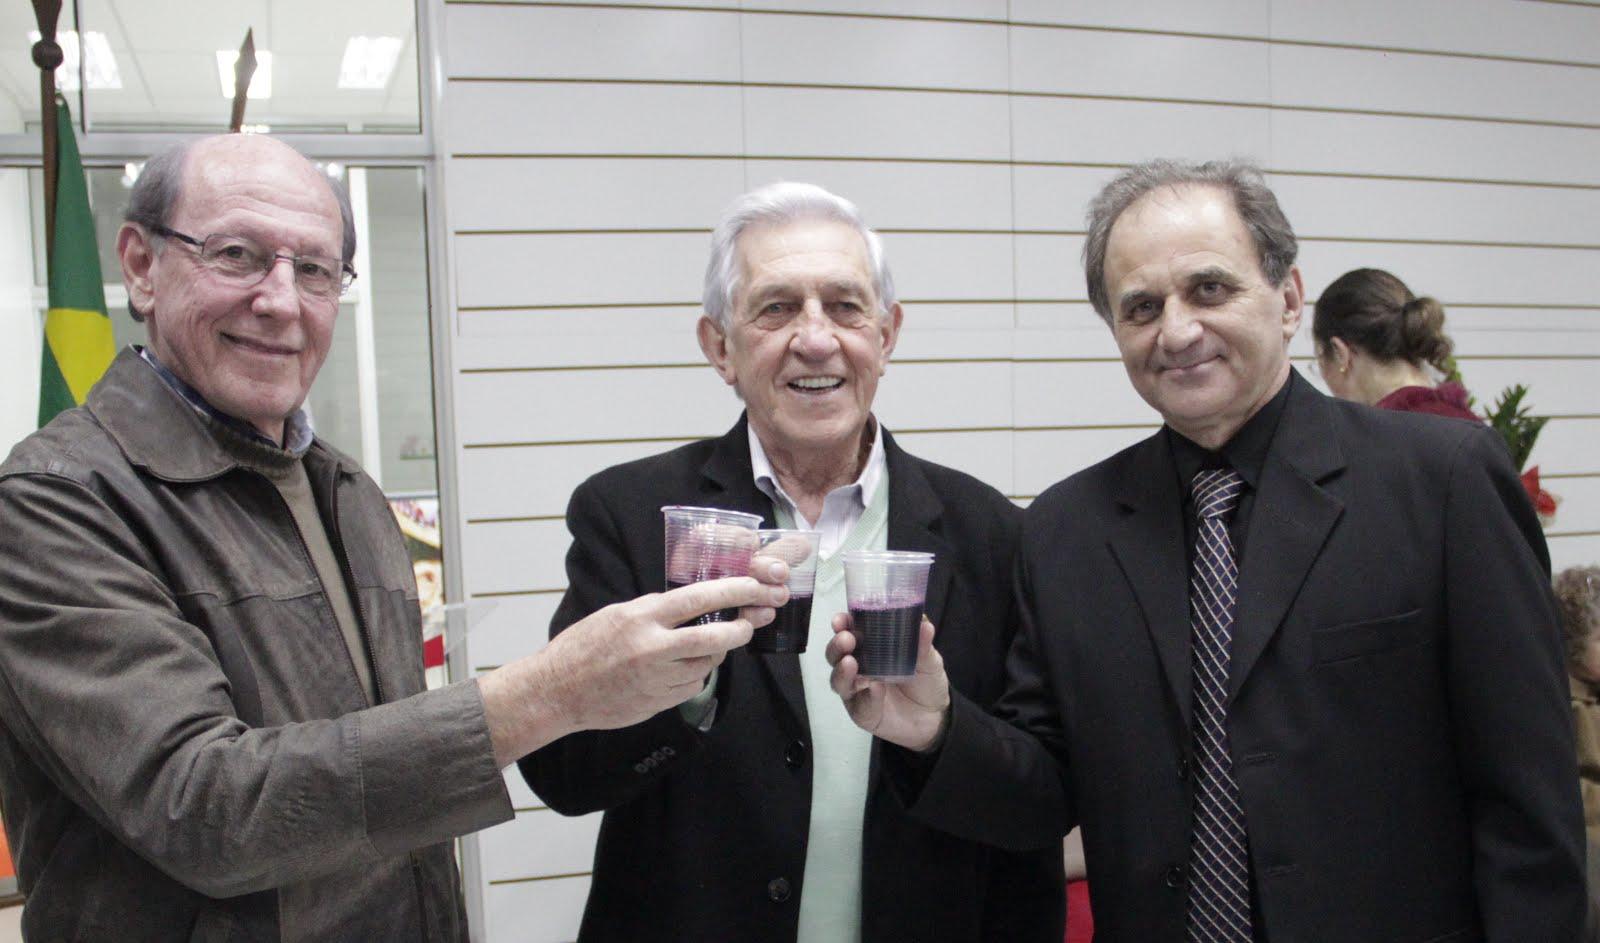 Airton Engster dos Santos, Sérgio Bruxel e Hélio Musskopf